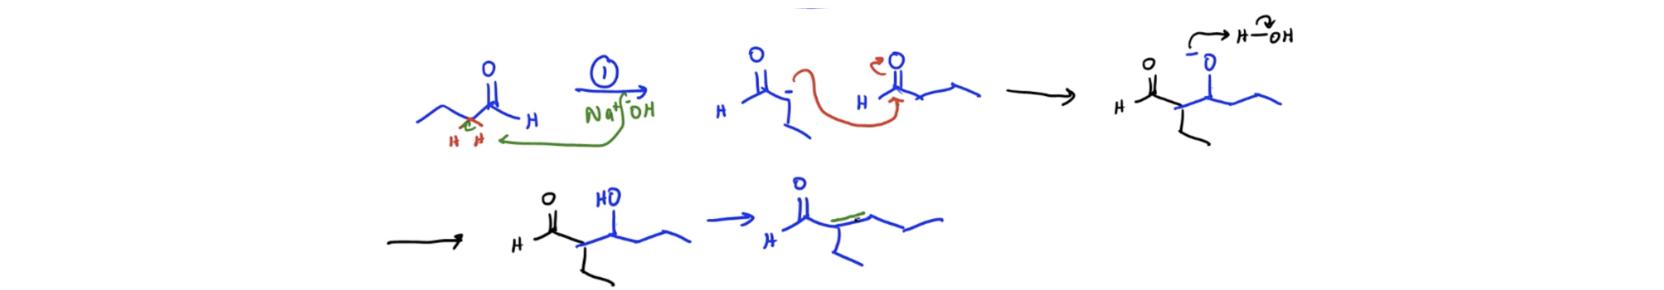 Aldol-Condensation-Mechanism